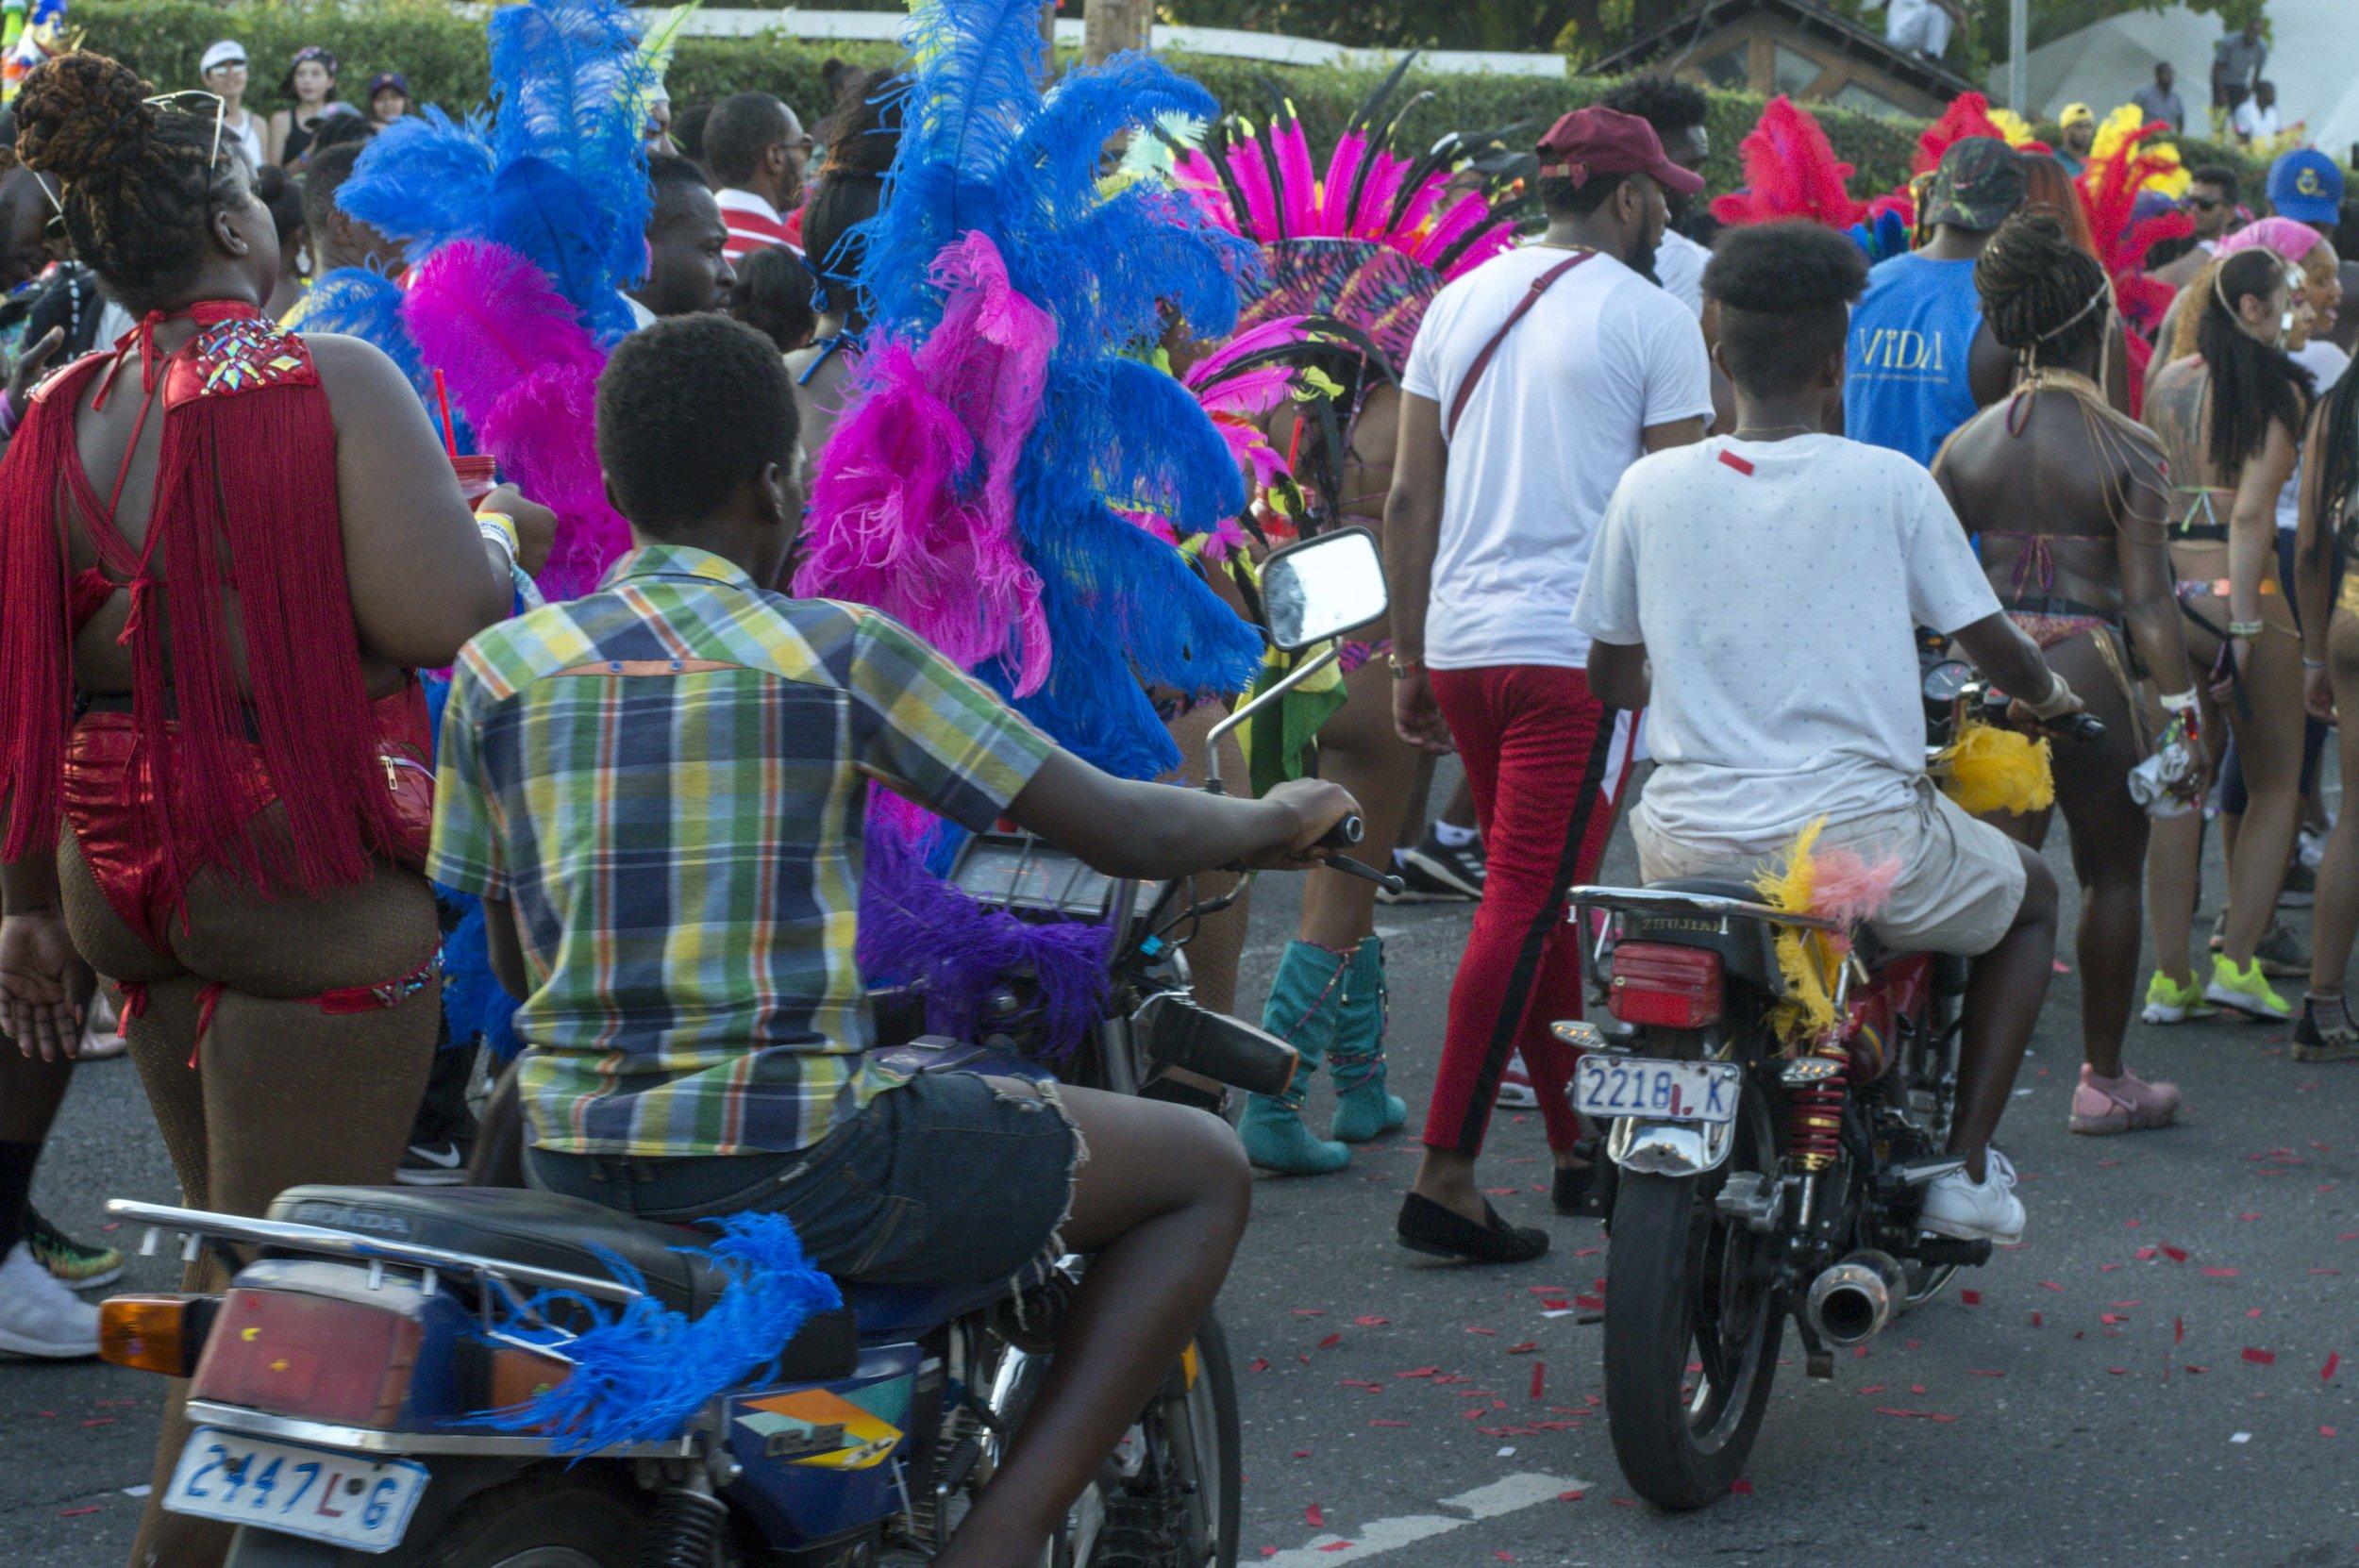 carnival2019_jeanalindo-38.jpg